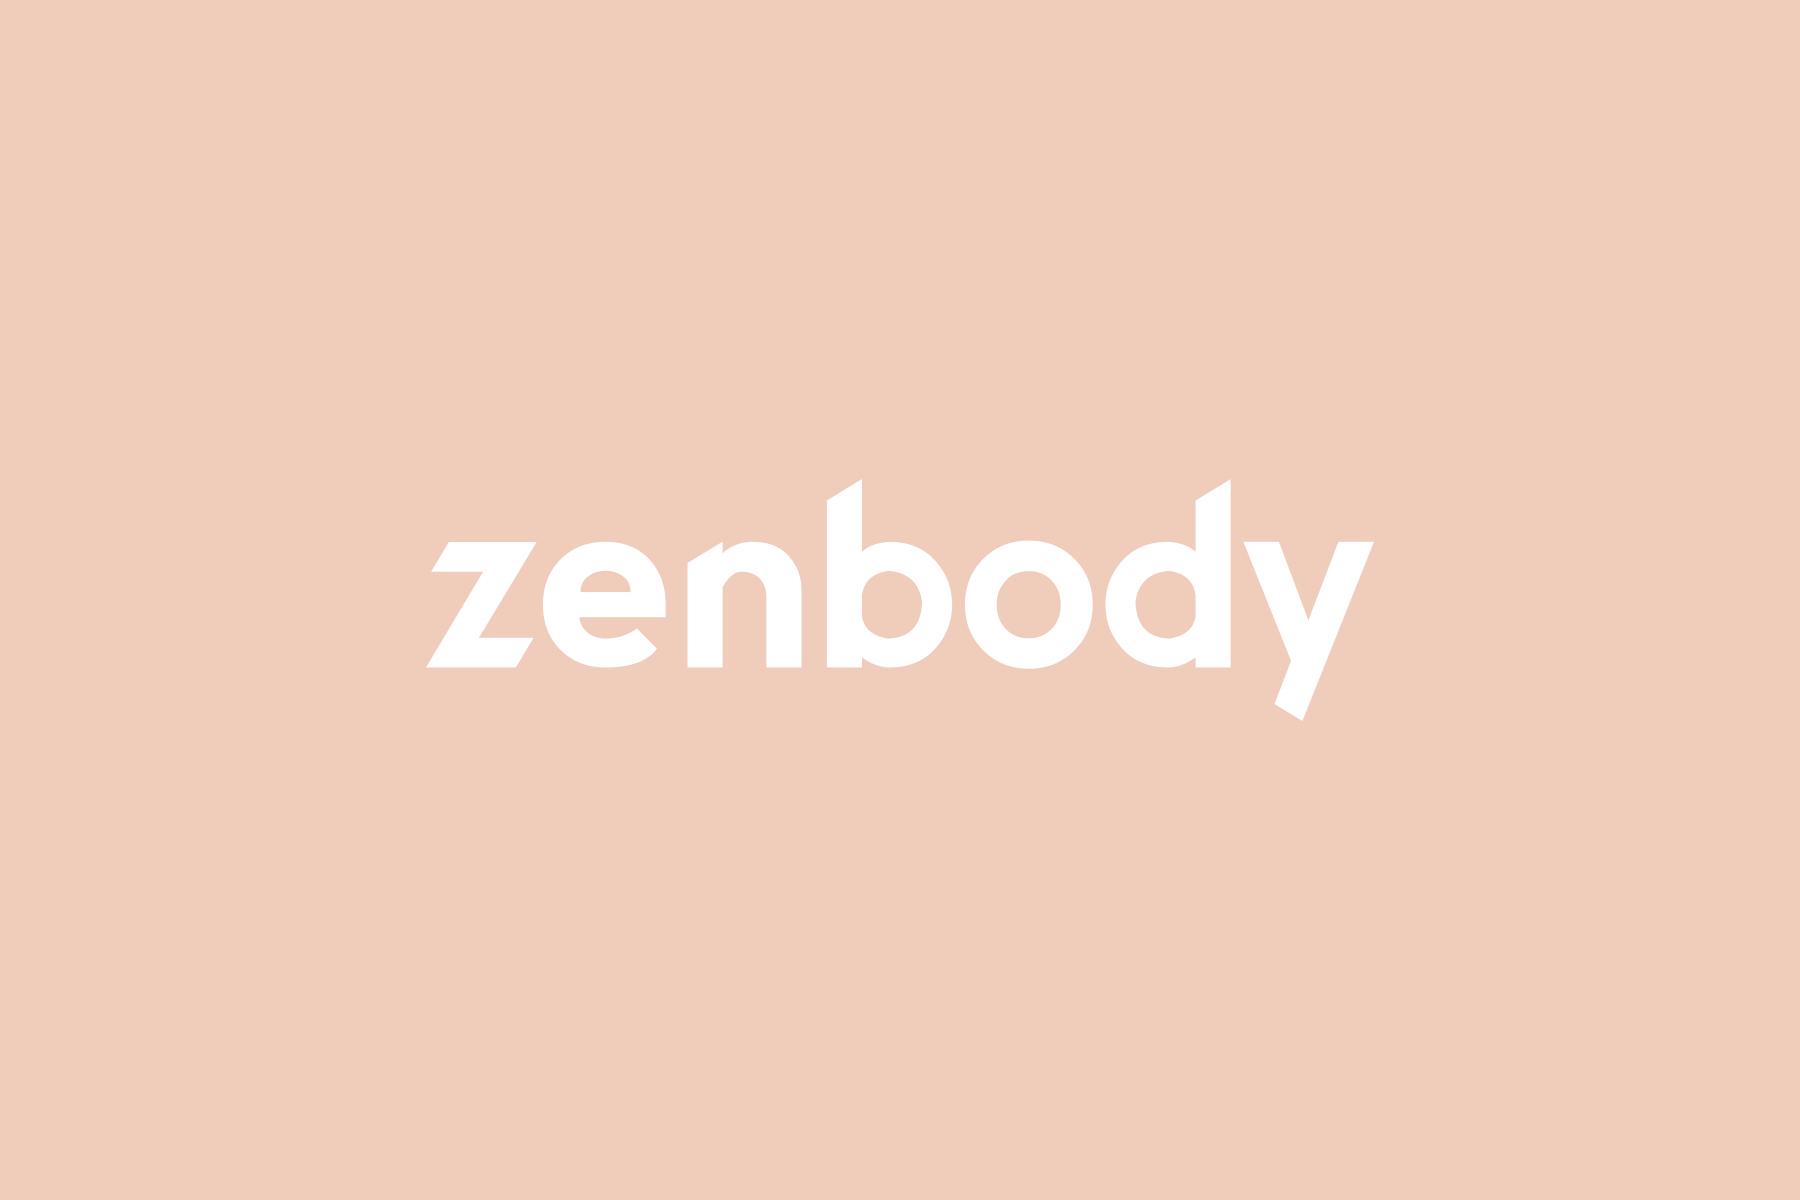 Zenbody-web1-logo.jpg